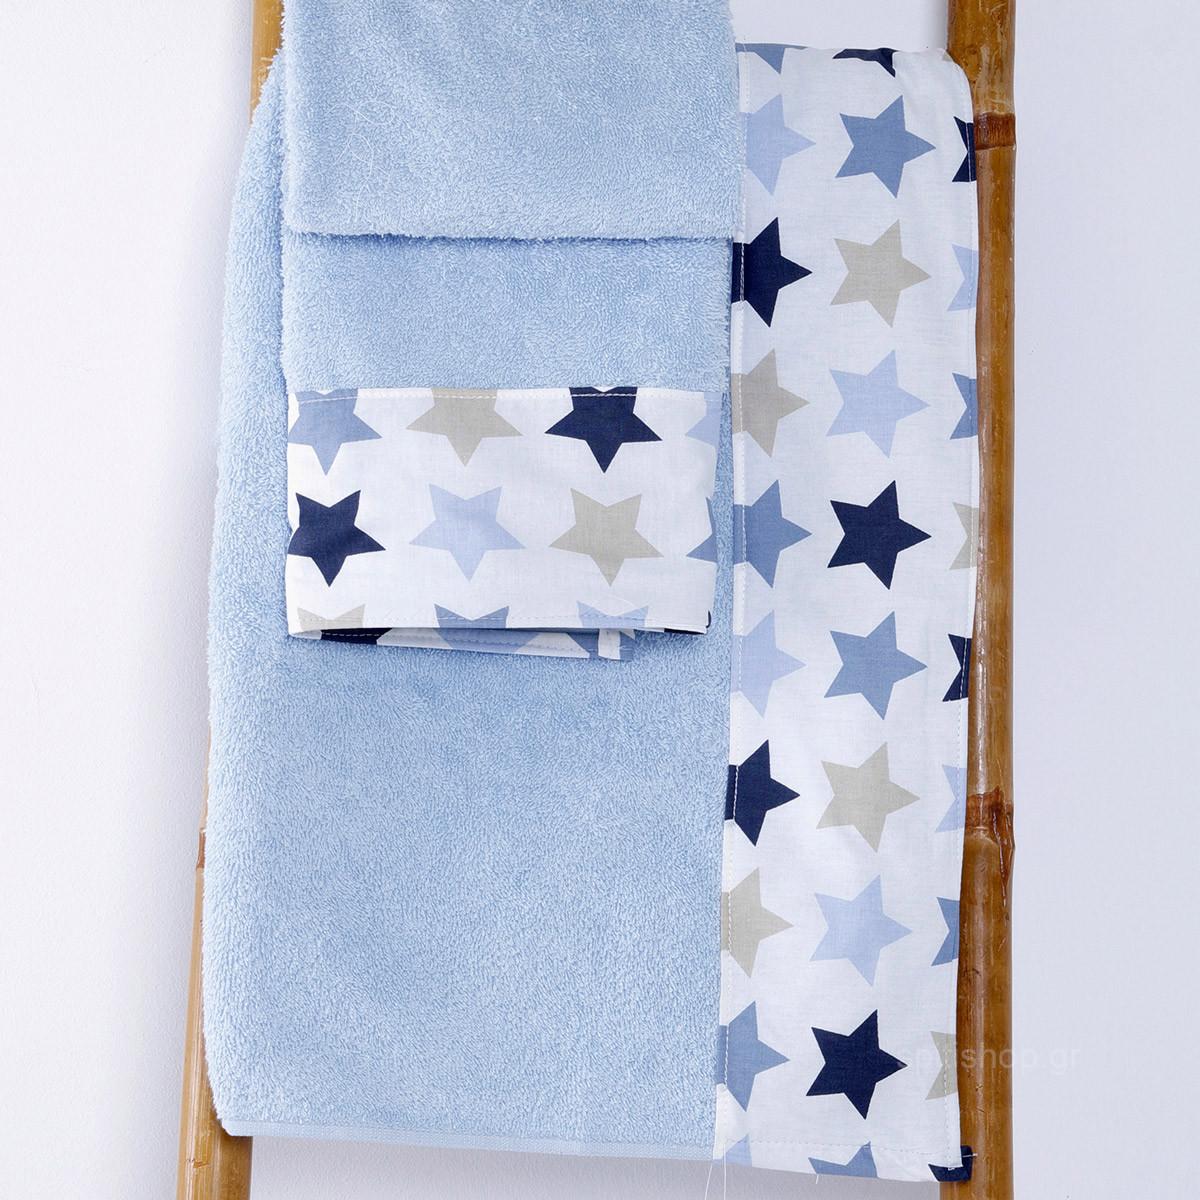 Βρεφικές Πετσέτες (Σετ 2τμχ) Sb Home Baby Stars Blue